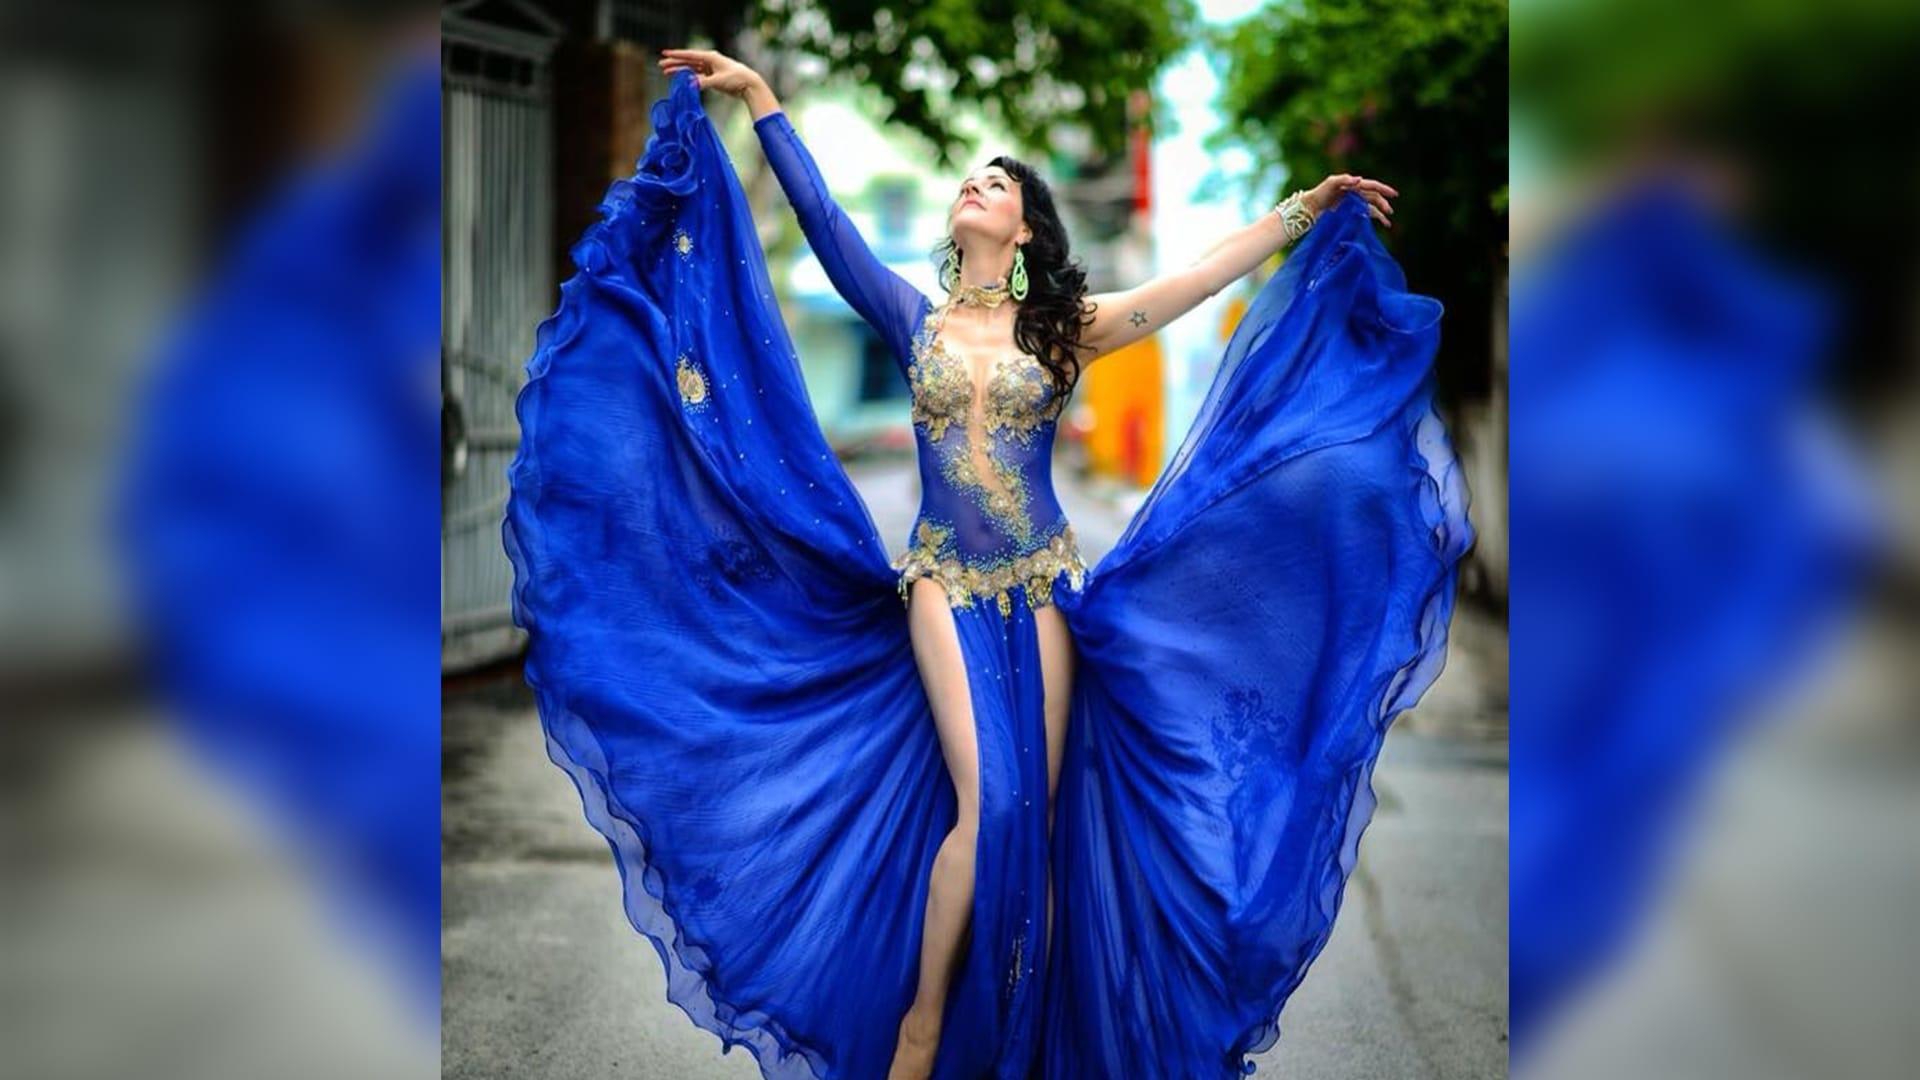 راقص أم راقصة؟ تعرّف إلى هذا النوع من الرقص في أندونيسيا